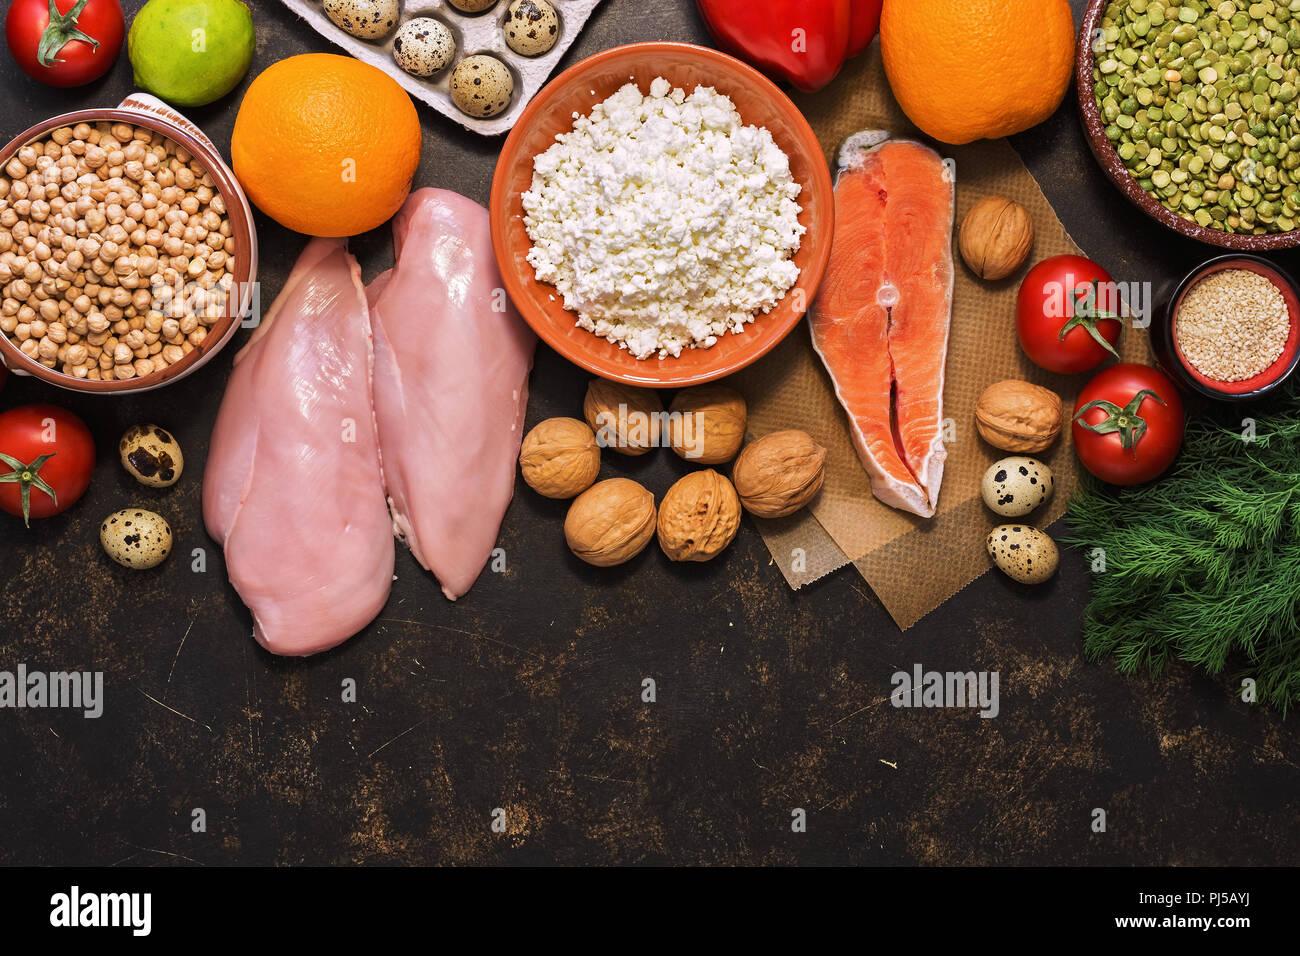 Cibo sano su uno sfondo scuro, salmone, filetto di pollo, frutta, verdura, cereali, formaggio. Vista superiore, lo spazio per il testo. Il concetto di mangiare sano. Immagini Stock